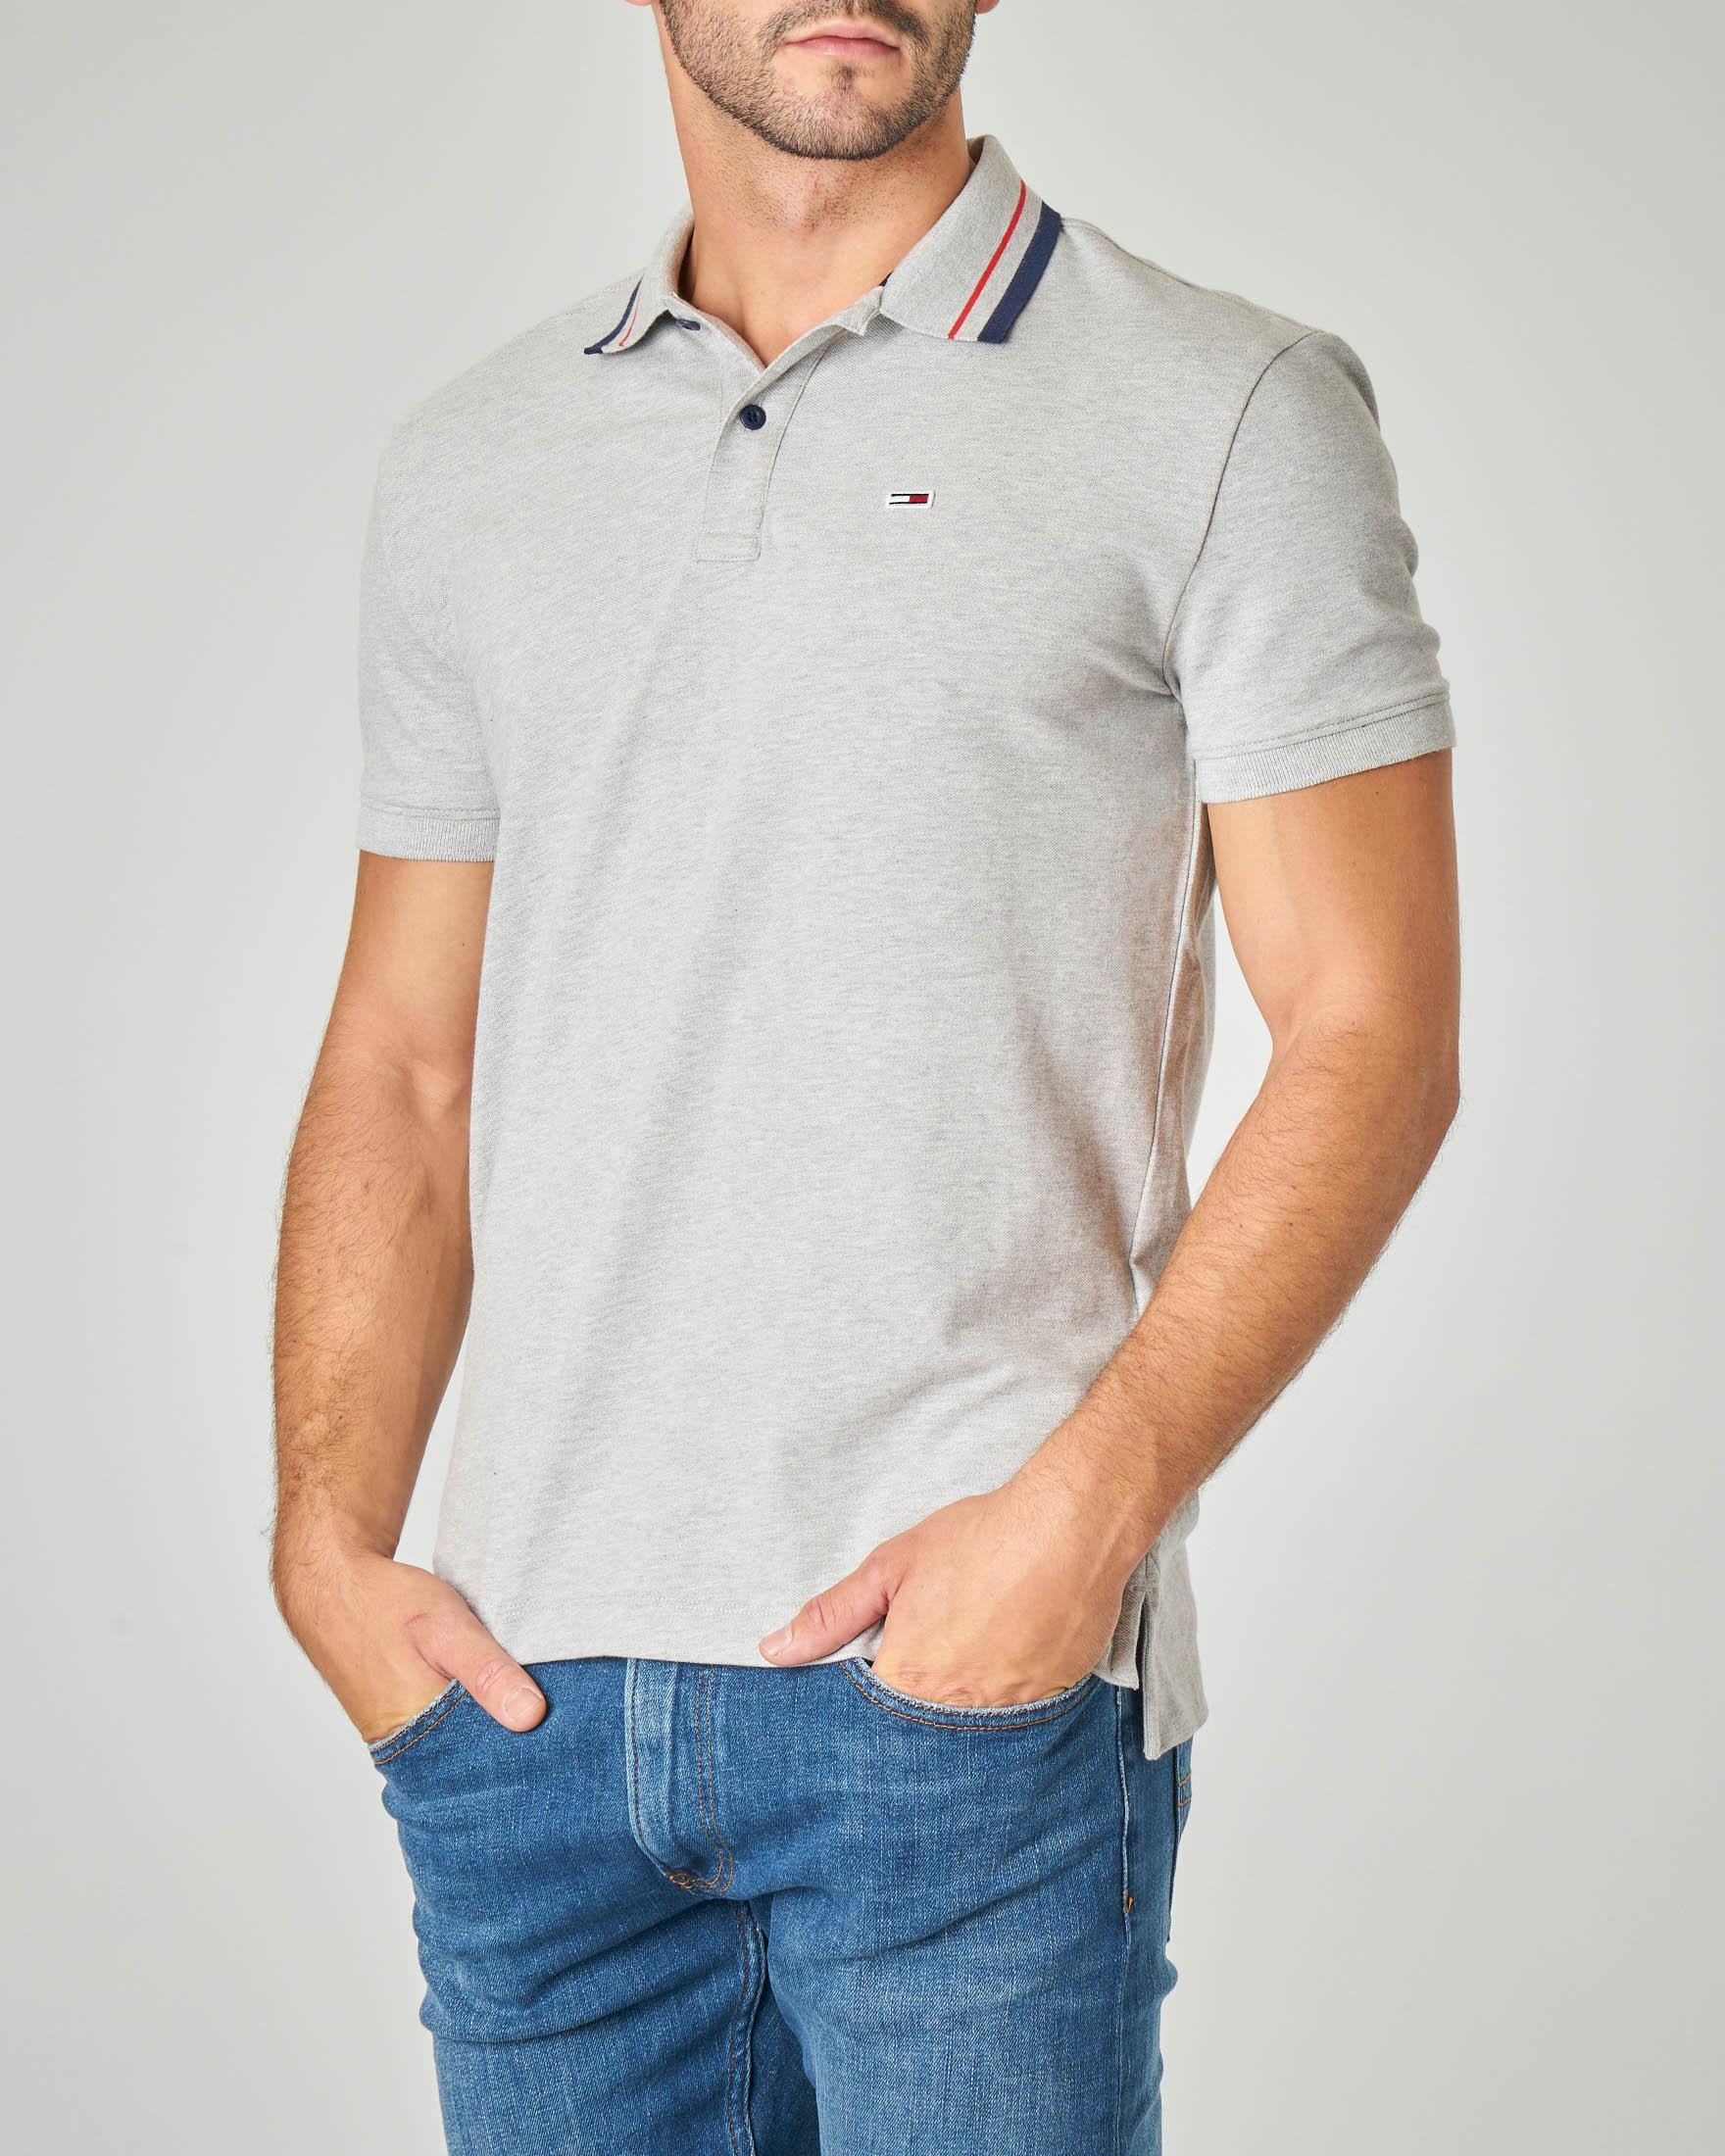 Polo grigia con bordino sul colletto in cotone stretch